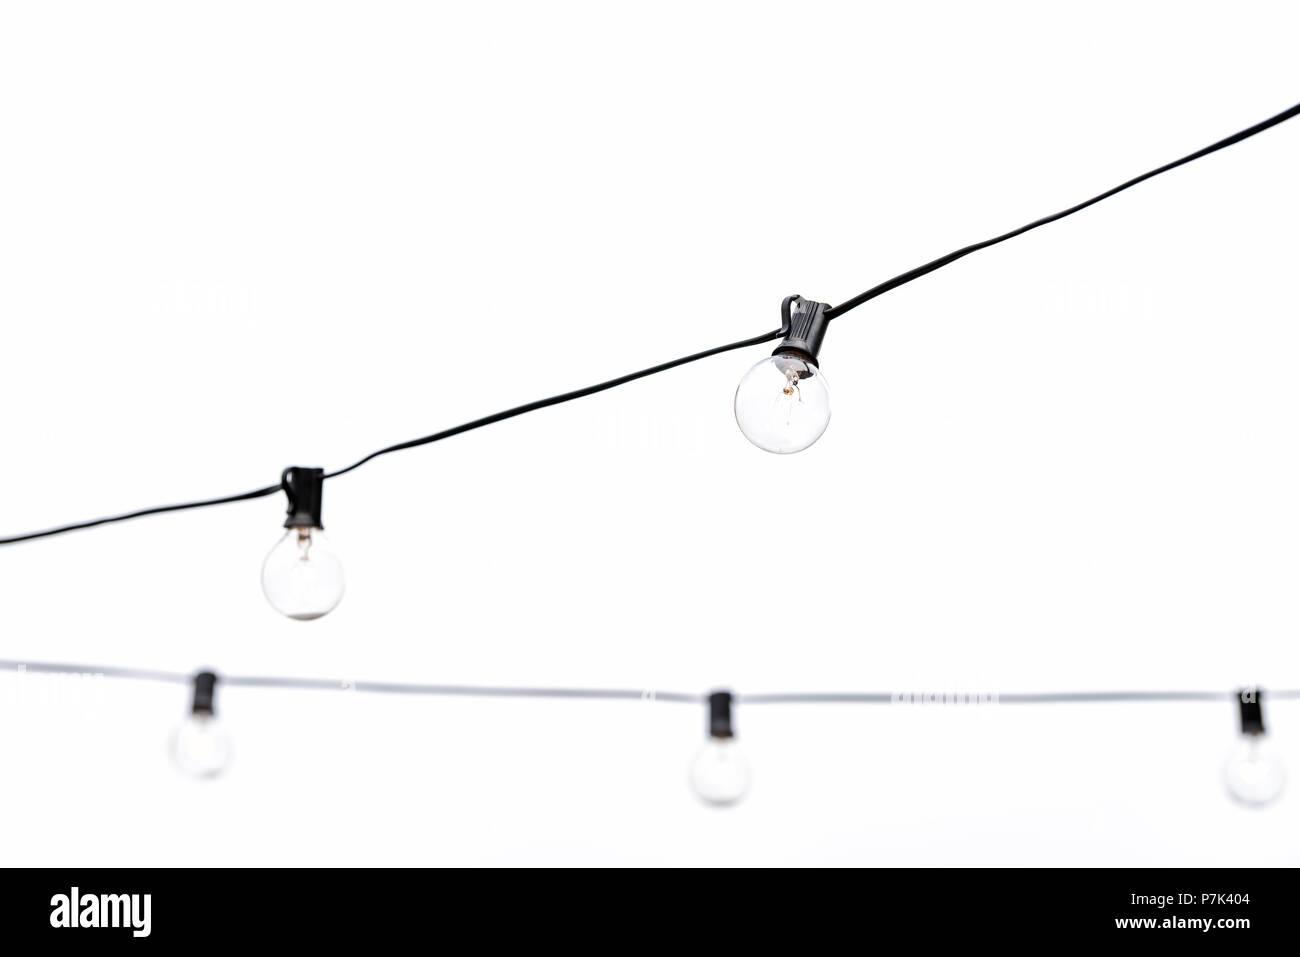 Beaucoup d'ampoules suspendues isolés contre blanc, ciel nuageux ou en studio piscine extérieure sur le toit restaurant libre Banque D'Images